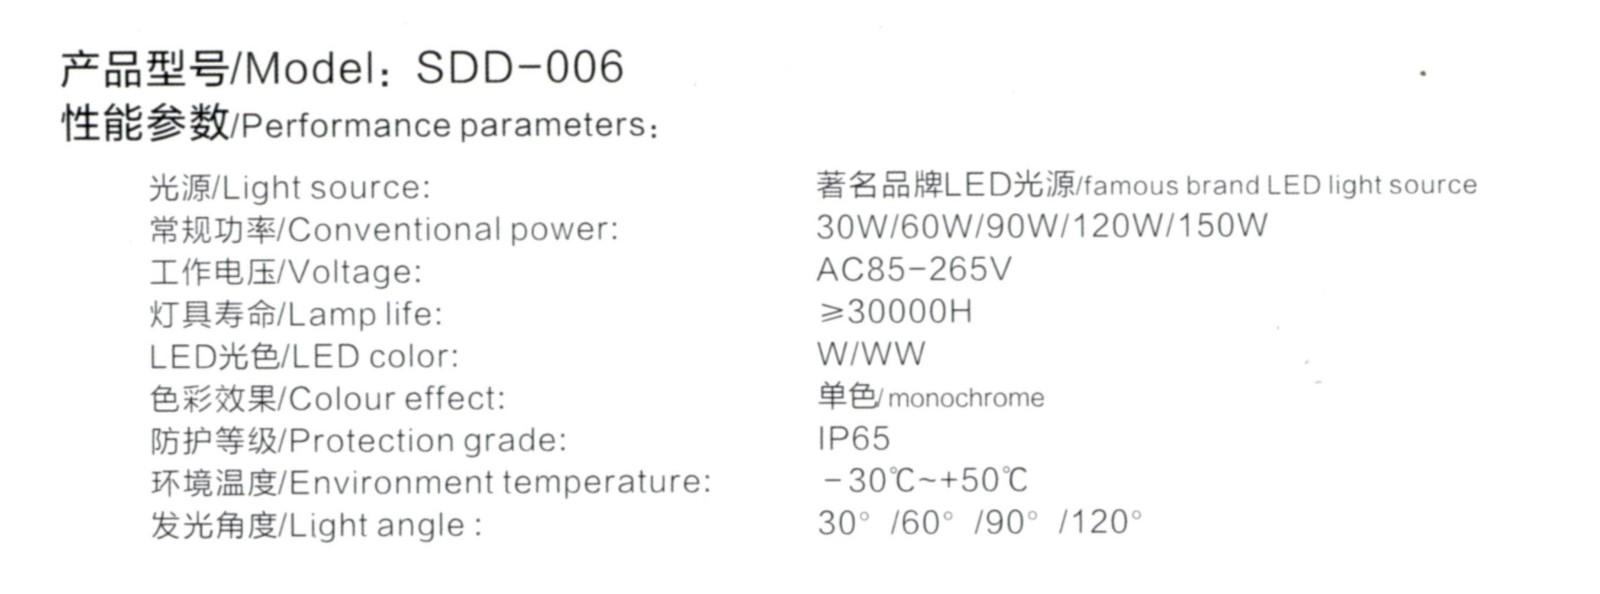 LED隧道灯Model∶SDD-006参数.jpg